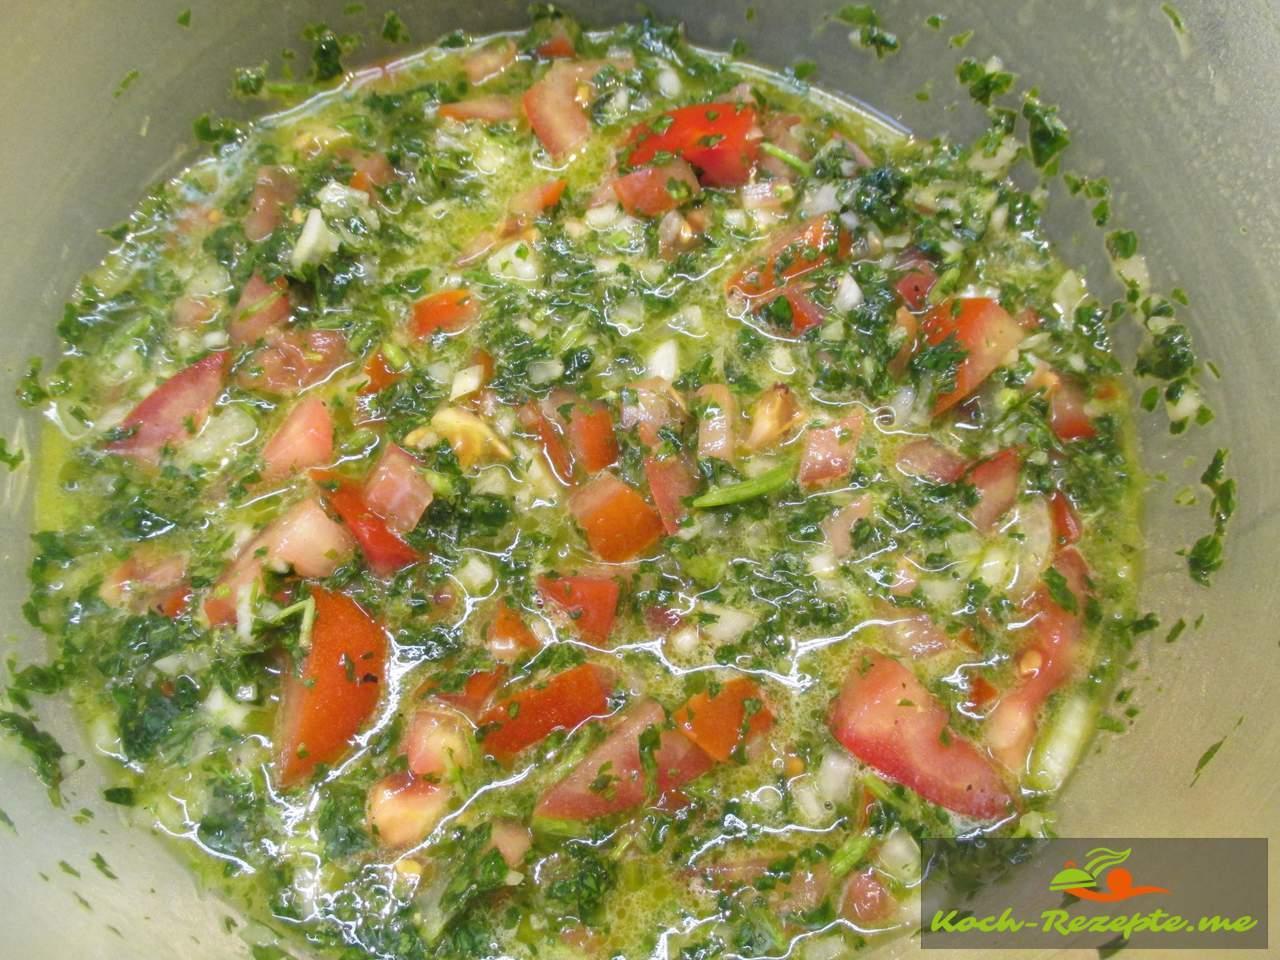 Kräuter, Tomaten und Zwiebelwürfel vermischen und ziehen lassen